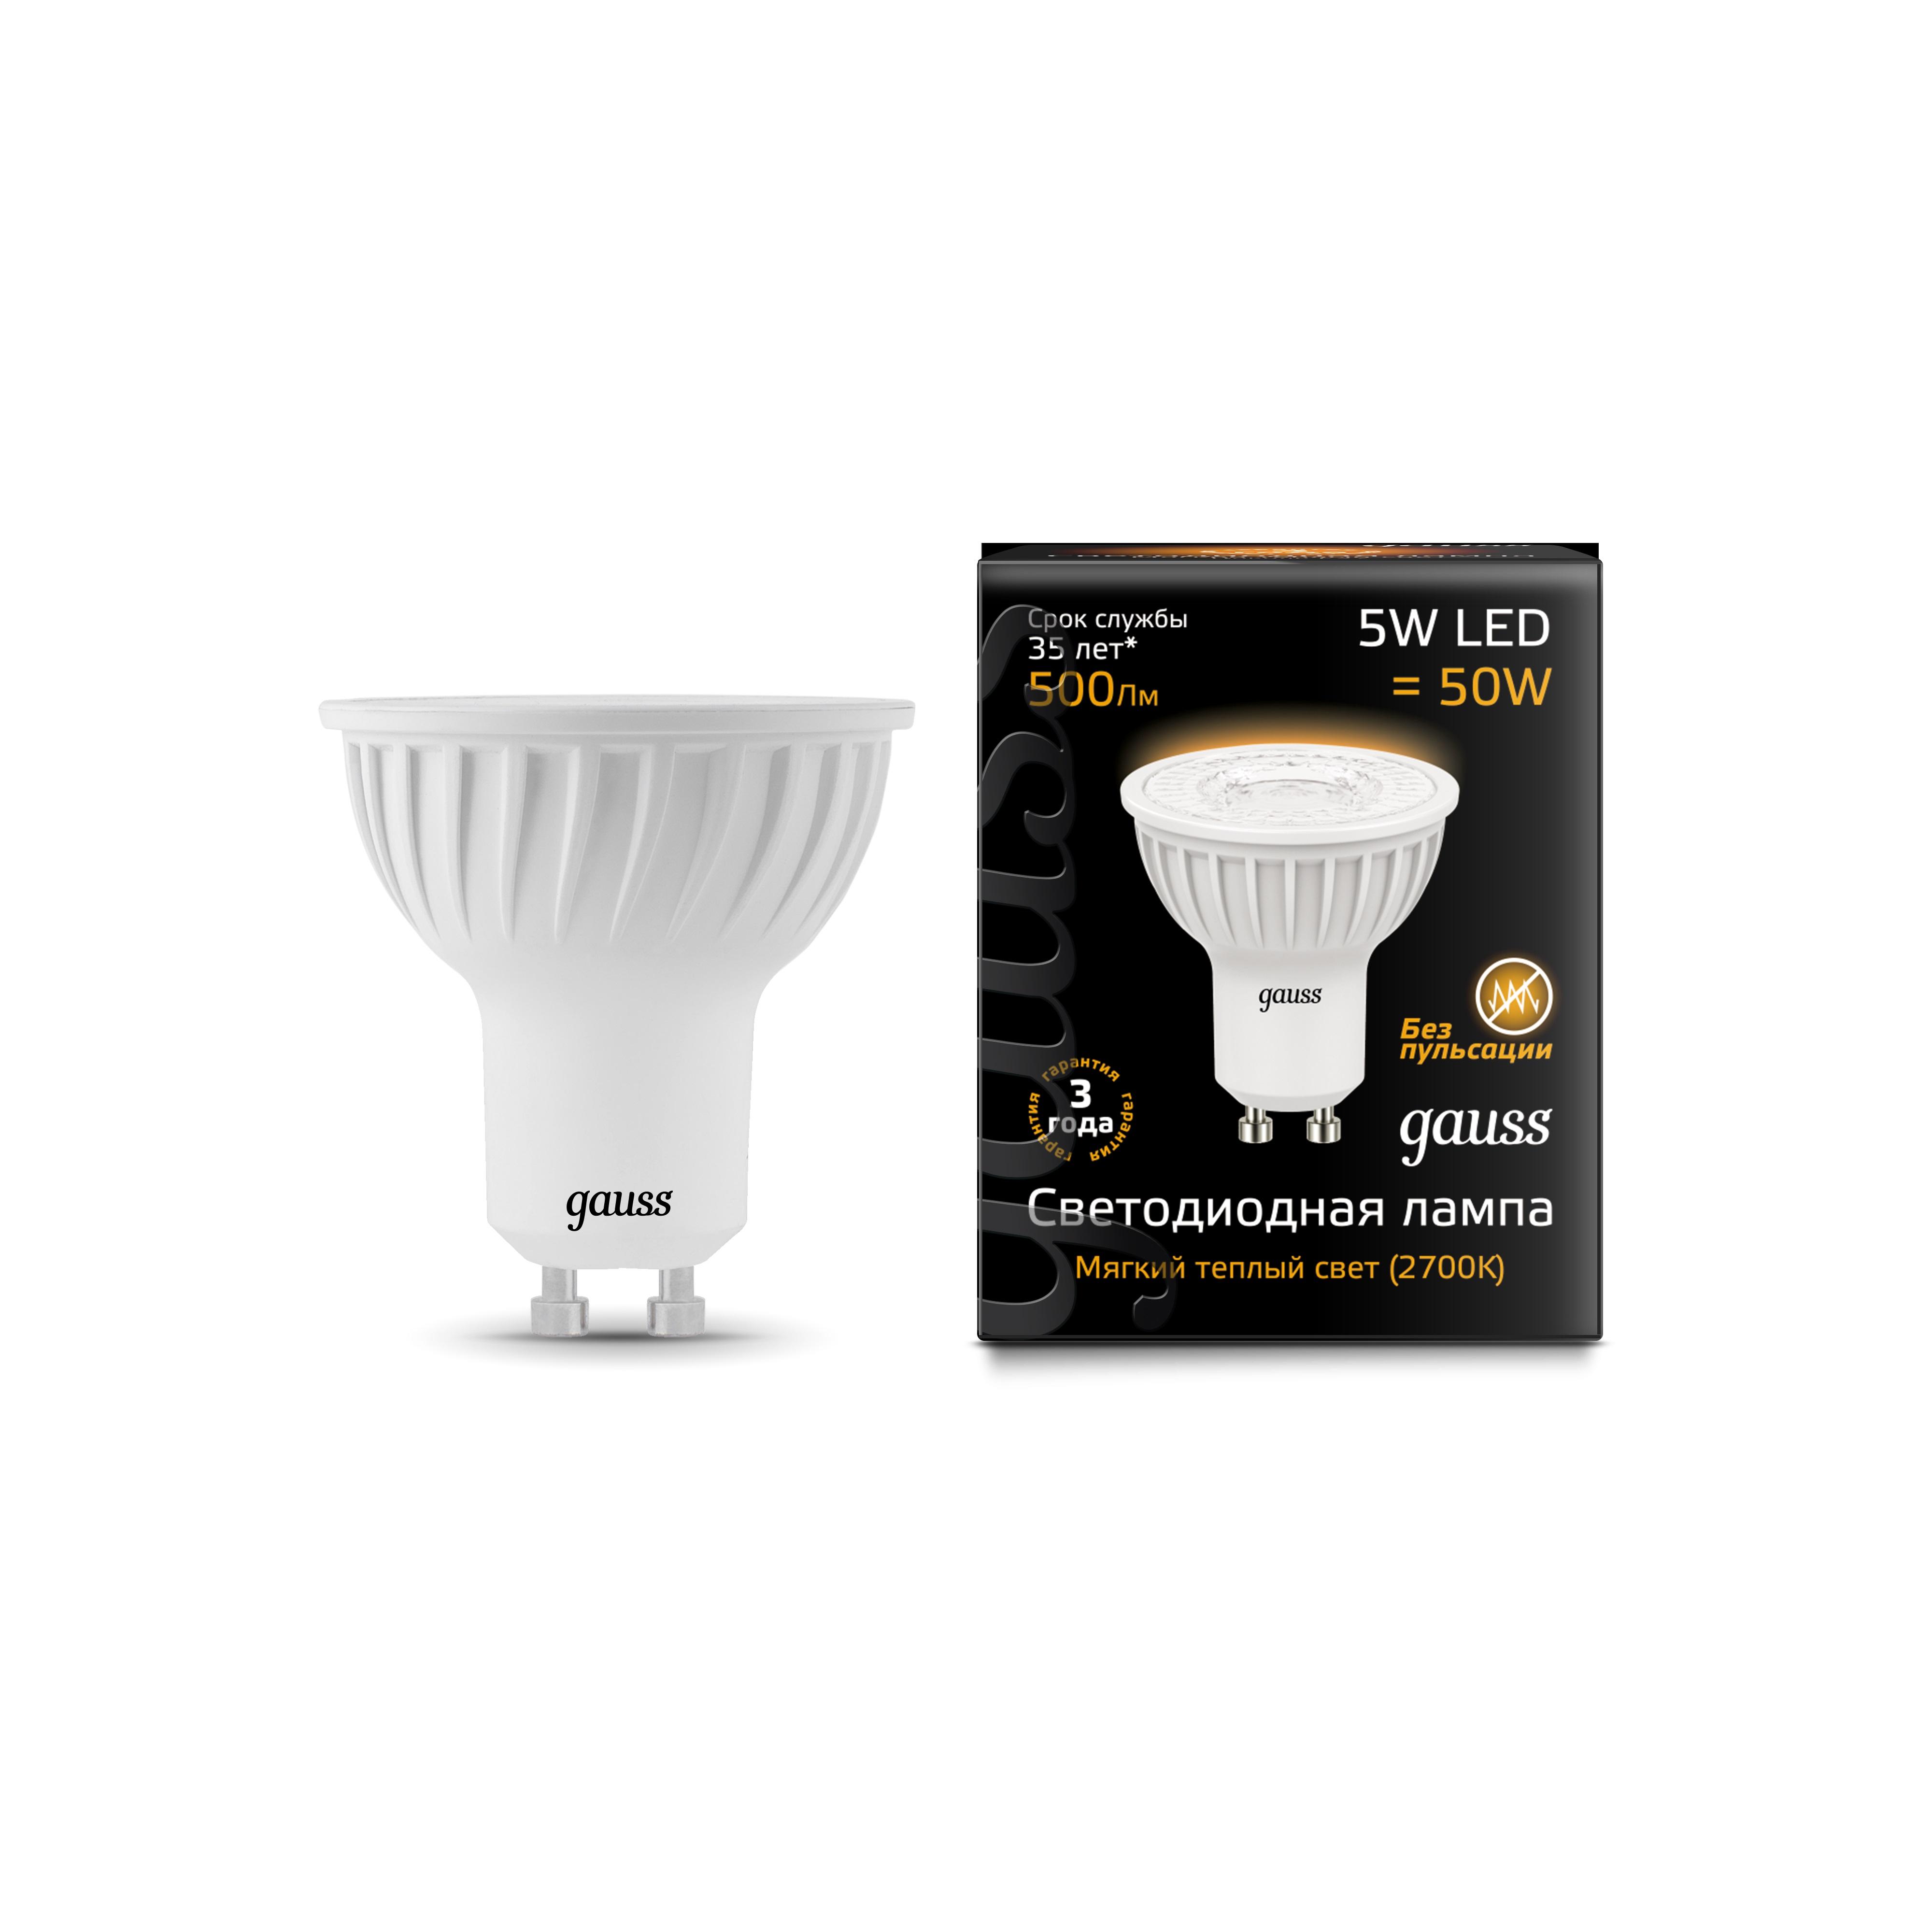 Лампа светодиодная GaussЛампы<br>Тип лампы: светодиодная,<br>Форма лампы: рефлекторная,<br>Цвет колбы: белая,<br>Тип цоколя: GU10,<br>Напряжение: 220,<br>Мощность: 5,<br>Цветовая температура: 2700<br>